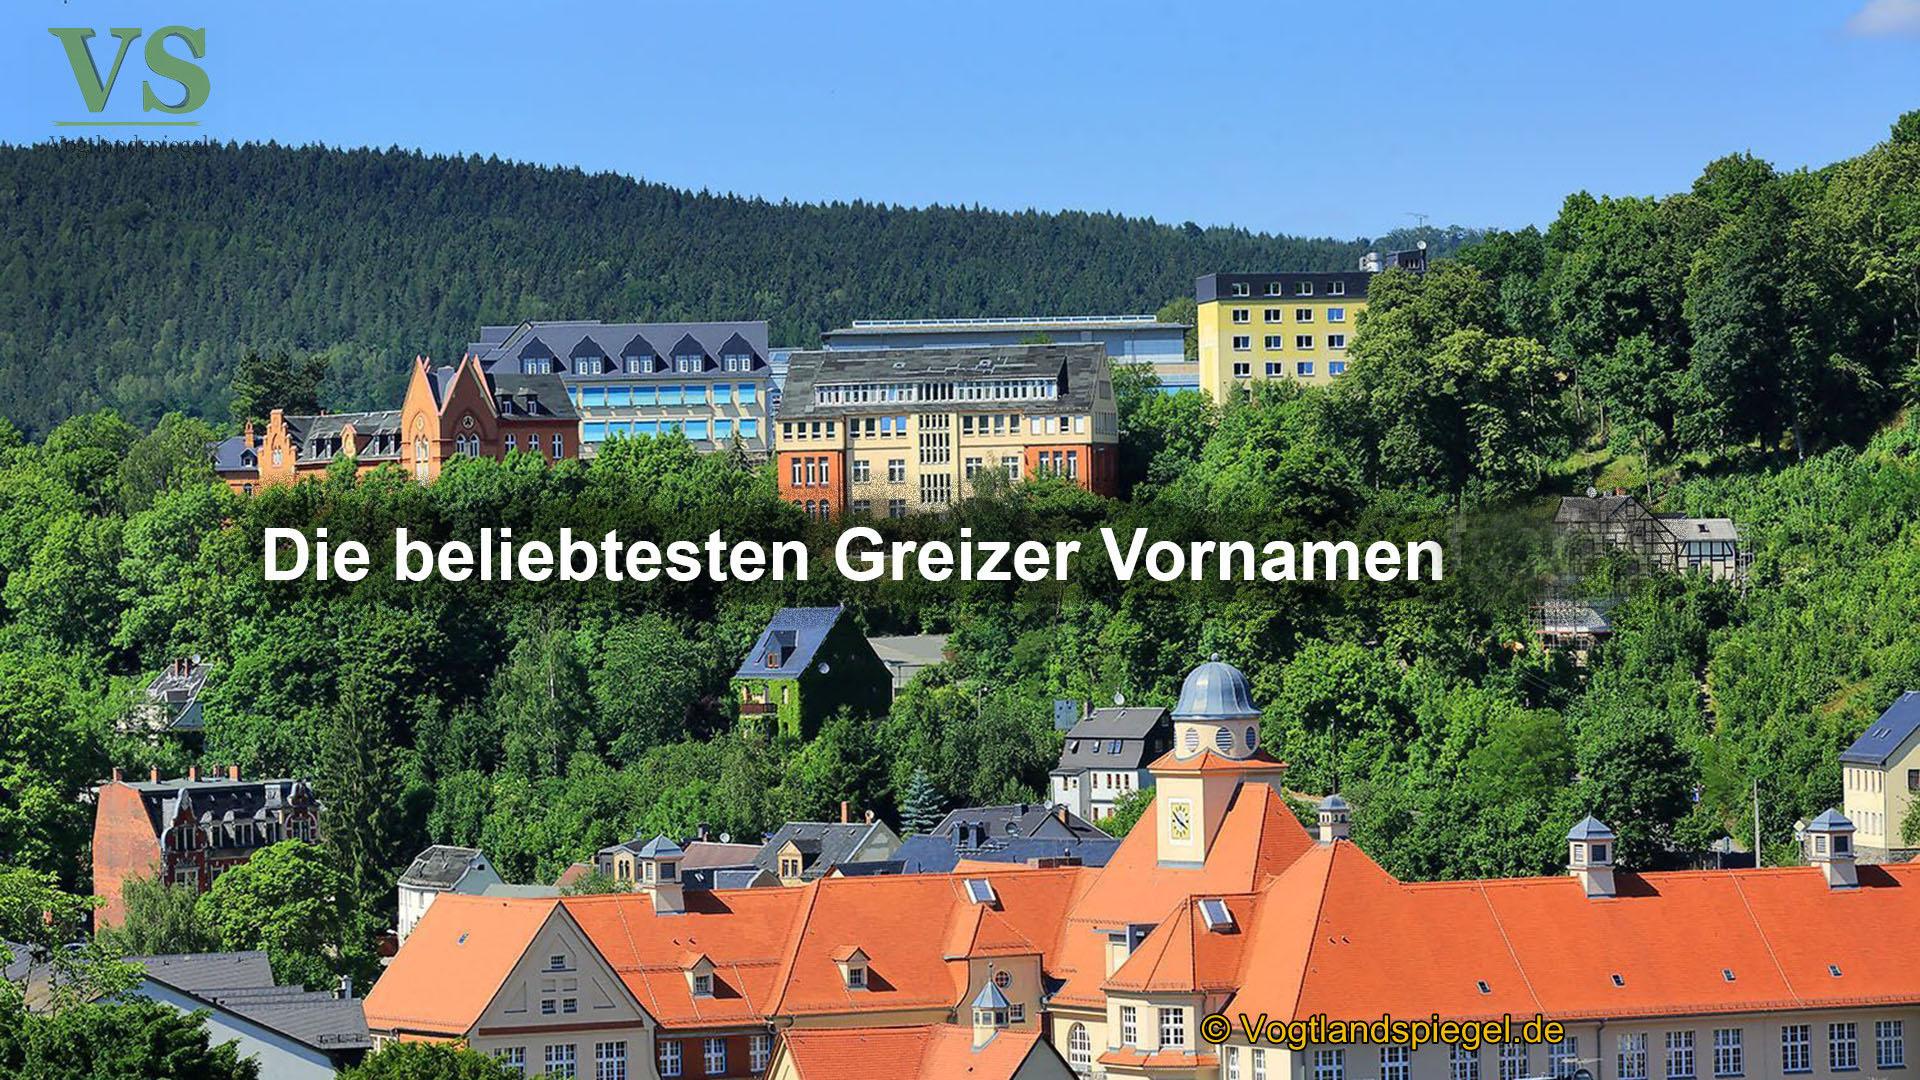 Standesamt Greiz: Namensstatistik wird von Greta sowie Karl und Paul angeführt